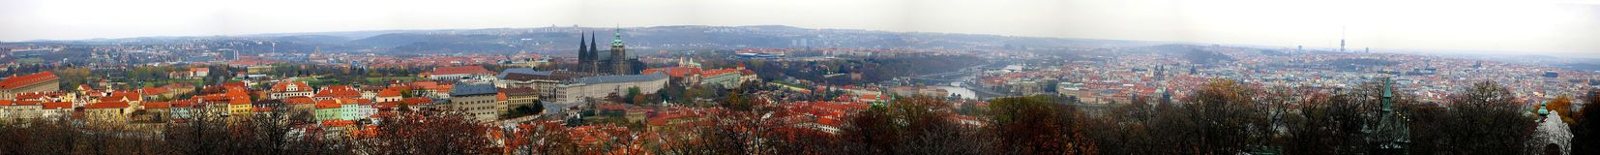 Praga - panorama de Petrin fotos de stock royalty free